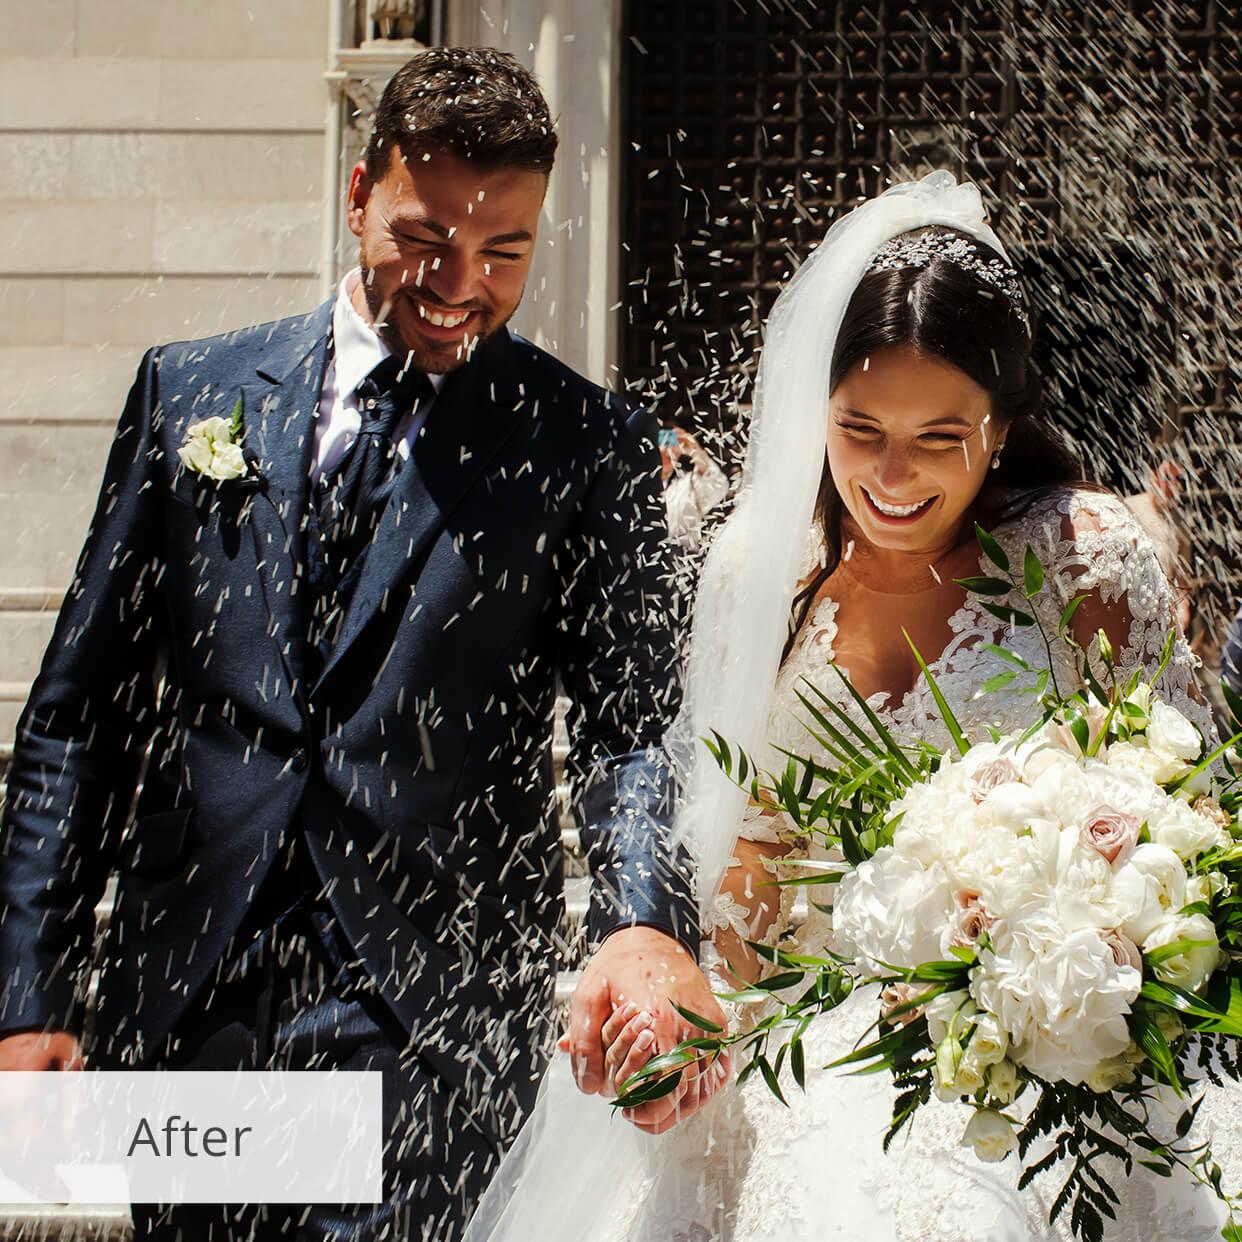 права на свадьбу картинки российского шоу-бизнеса, певица